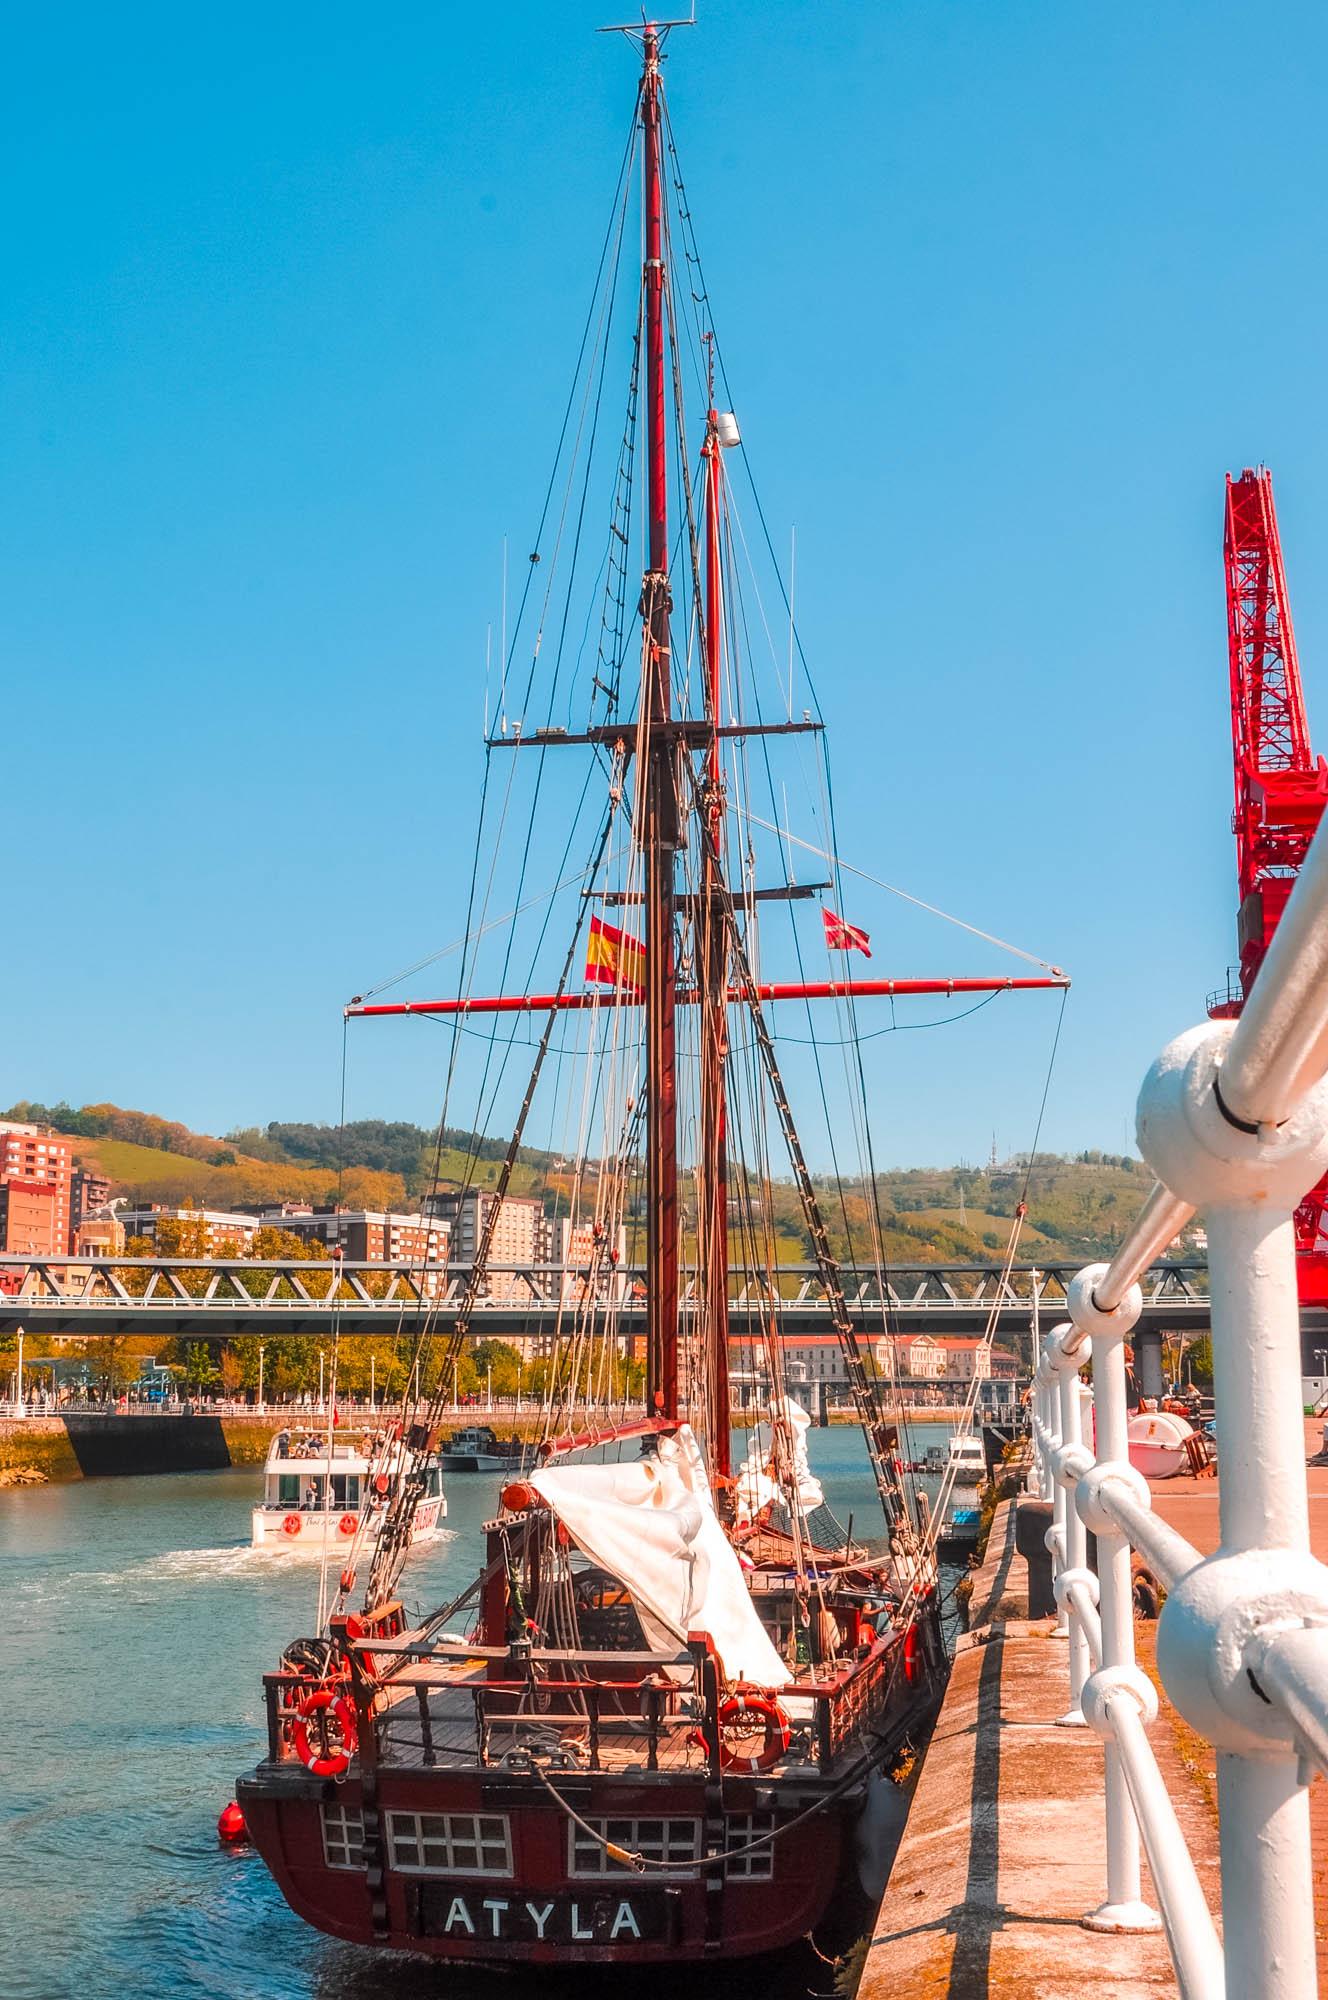 Barco escuela Atyla en Bilbao